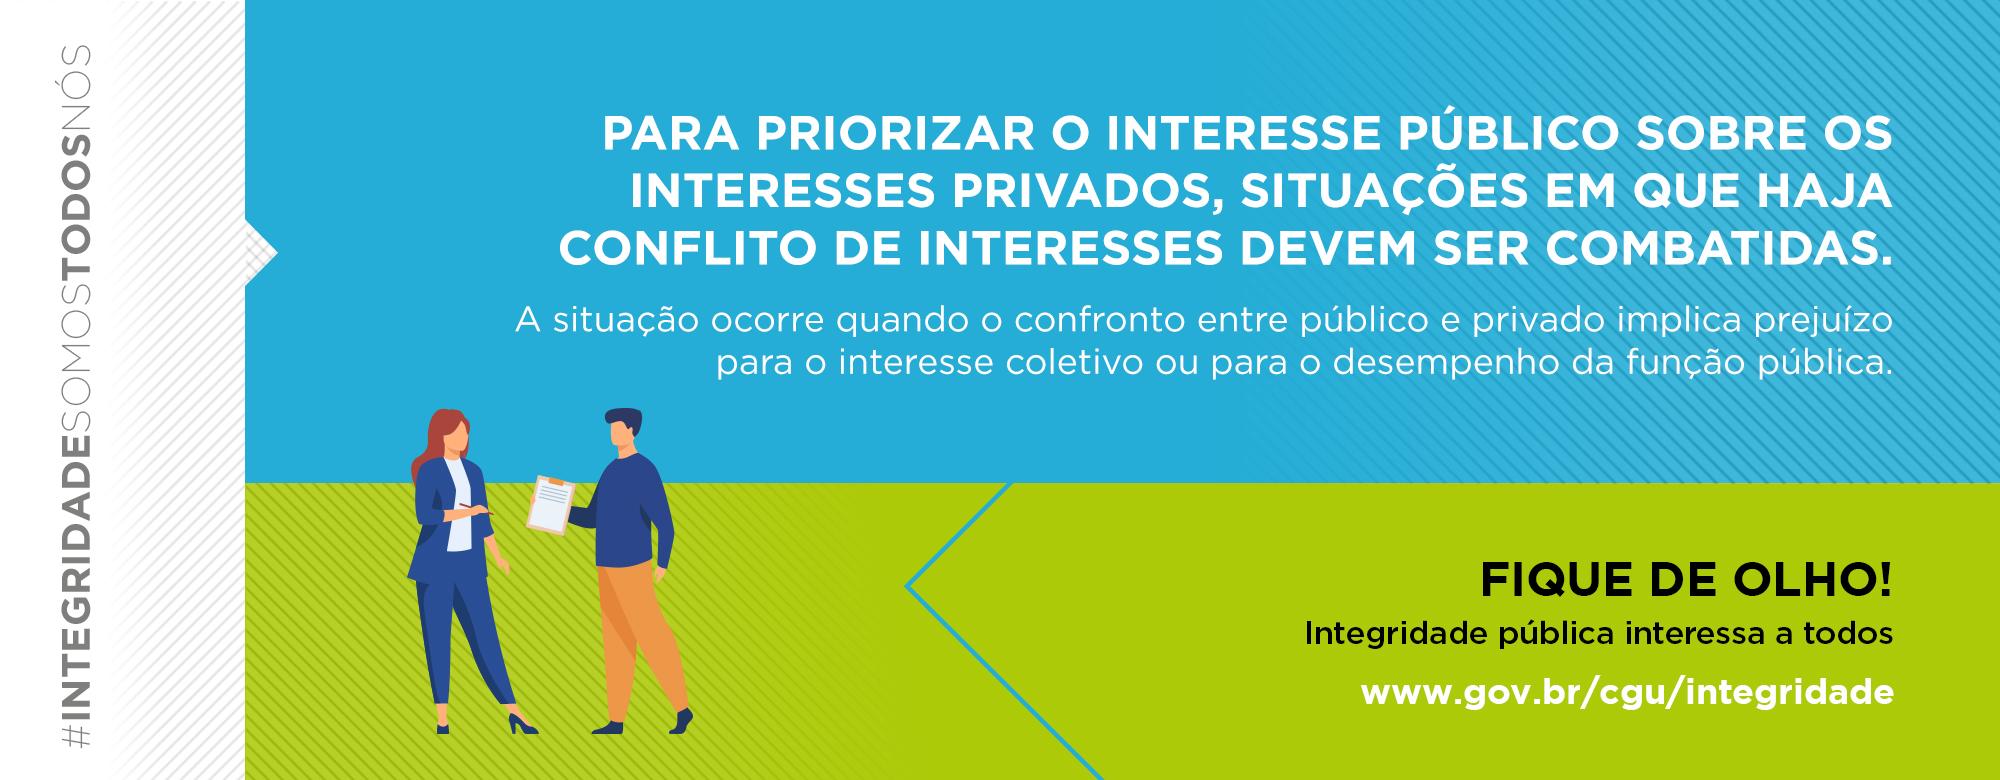 Campanha Integridade Somos Todos Nós da CGU - Conflito de Interesses